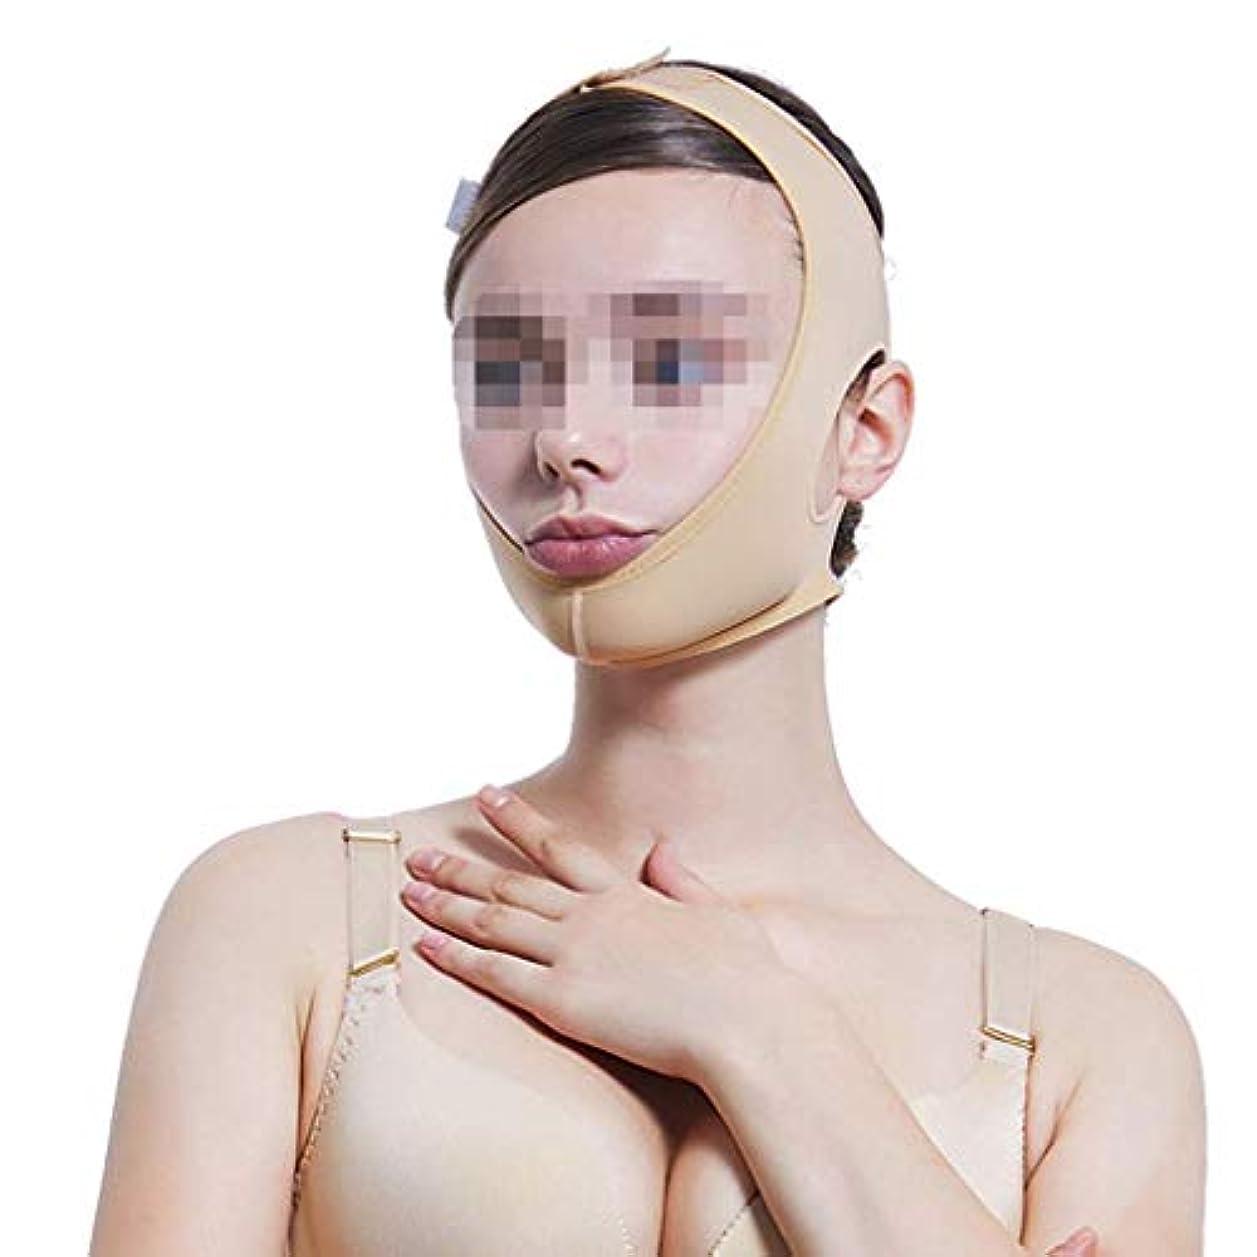 保持形式監査ビームフェイス弾性ヘッドギア、ダブルあごのあごのセットをマスクの後に線彫り薄いフェイス包帯マルチサイズオプション(サイズ:XS),XS